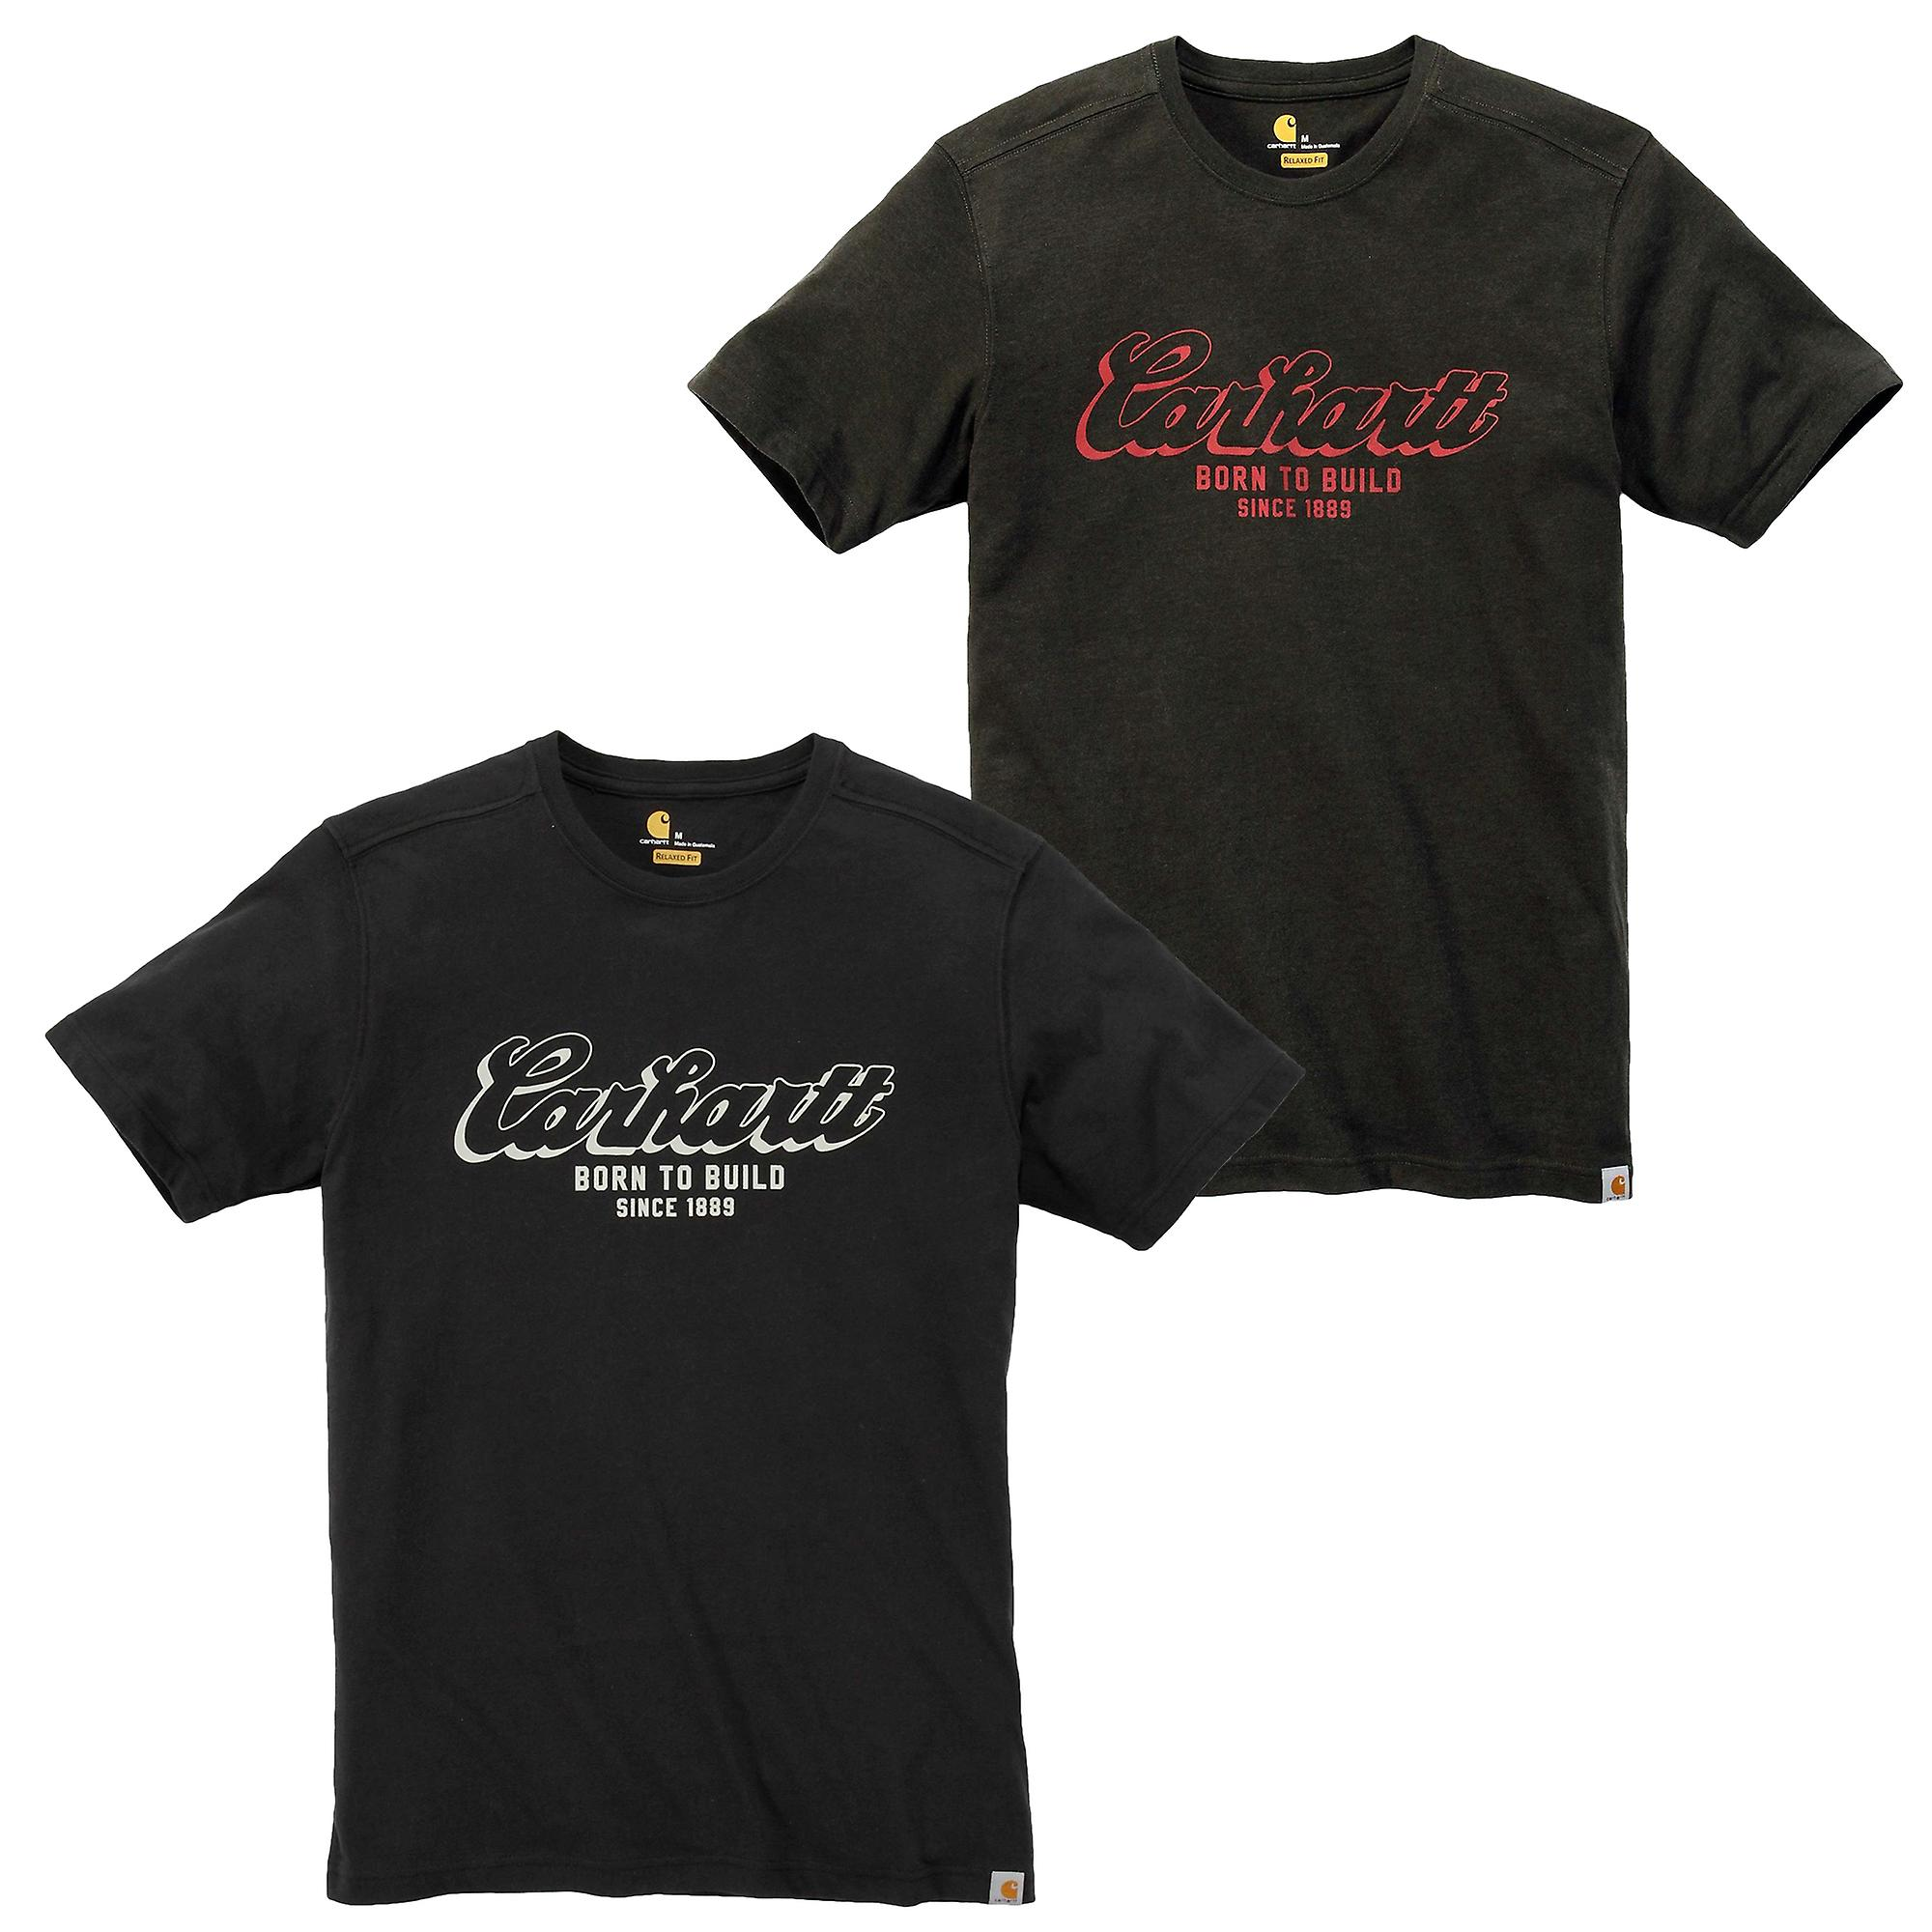 Carhartt menn t-skjorte Maddock født for å bygge grafiske kort-ermet